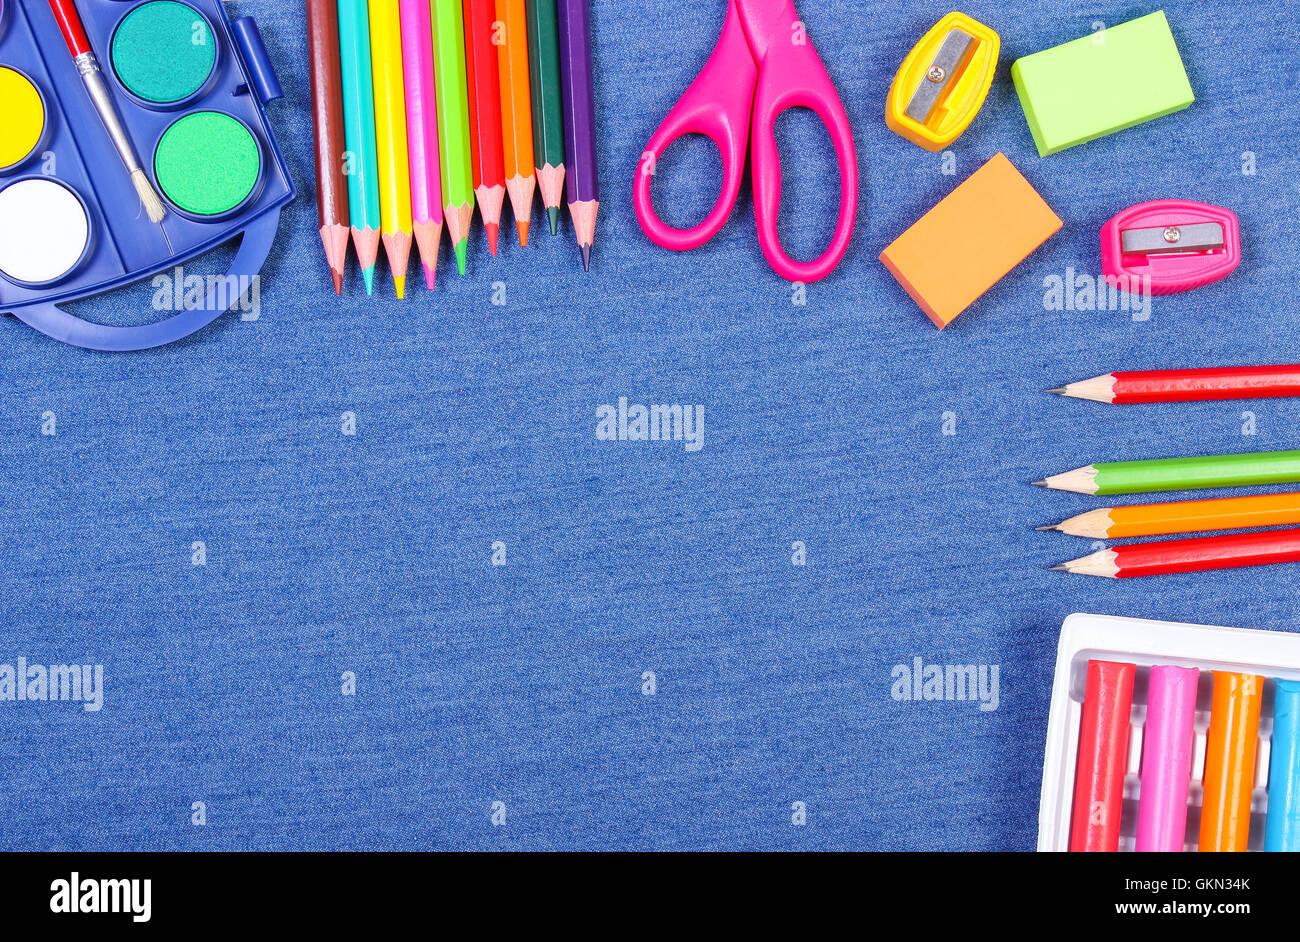 Rahmen der Schule und Büro liefert auf Jeans Hintergrund ...